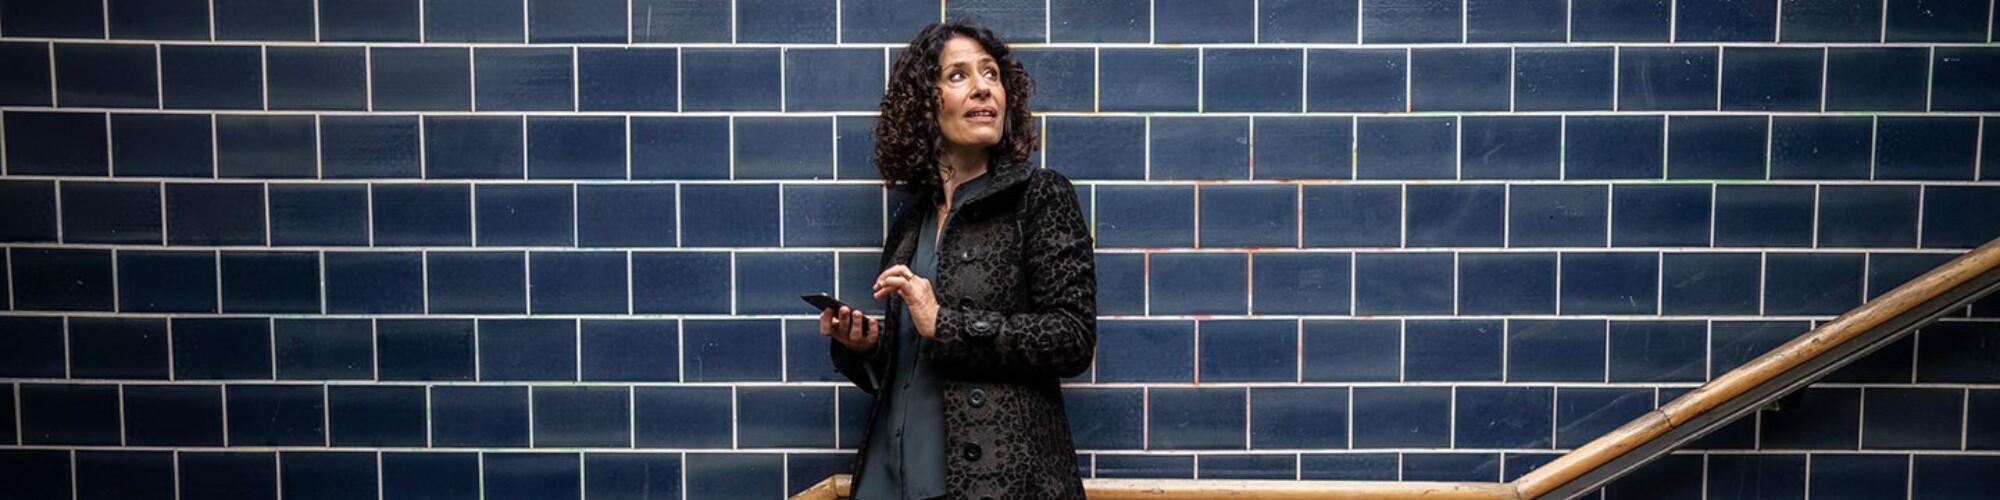 Bettina Jarasch steht am Treppengeländer im Bahnhof und schaut nach oben